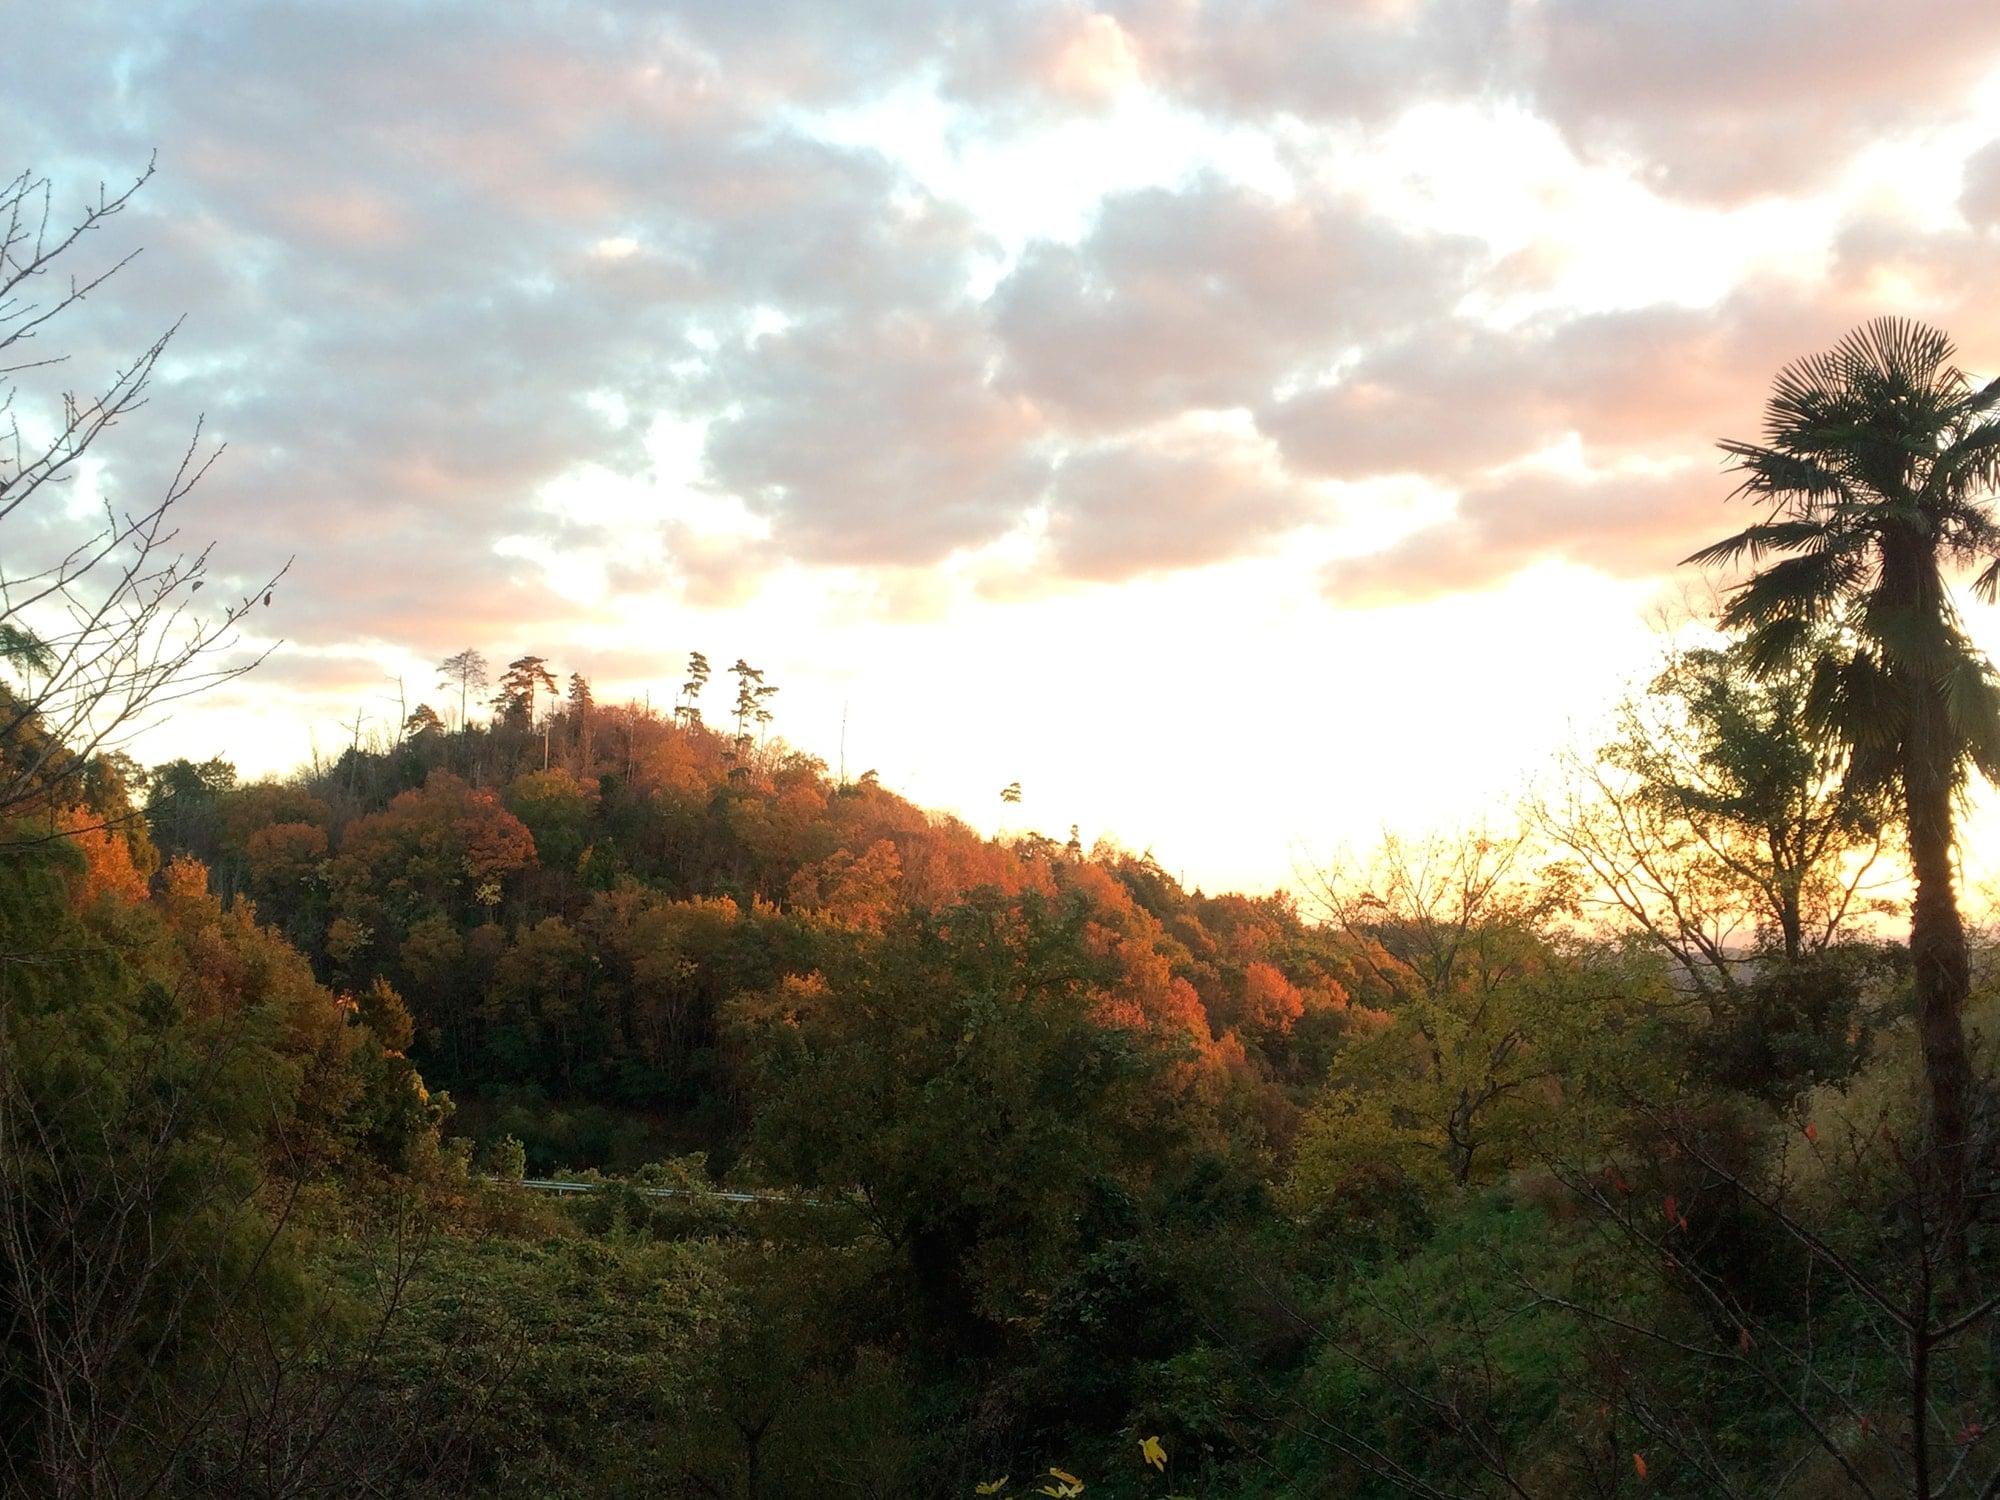 アトリエから見る風景。庭と向かいの山が見渡せる。